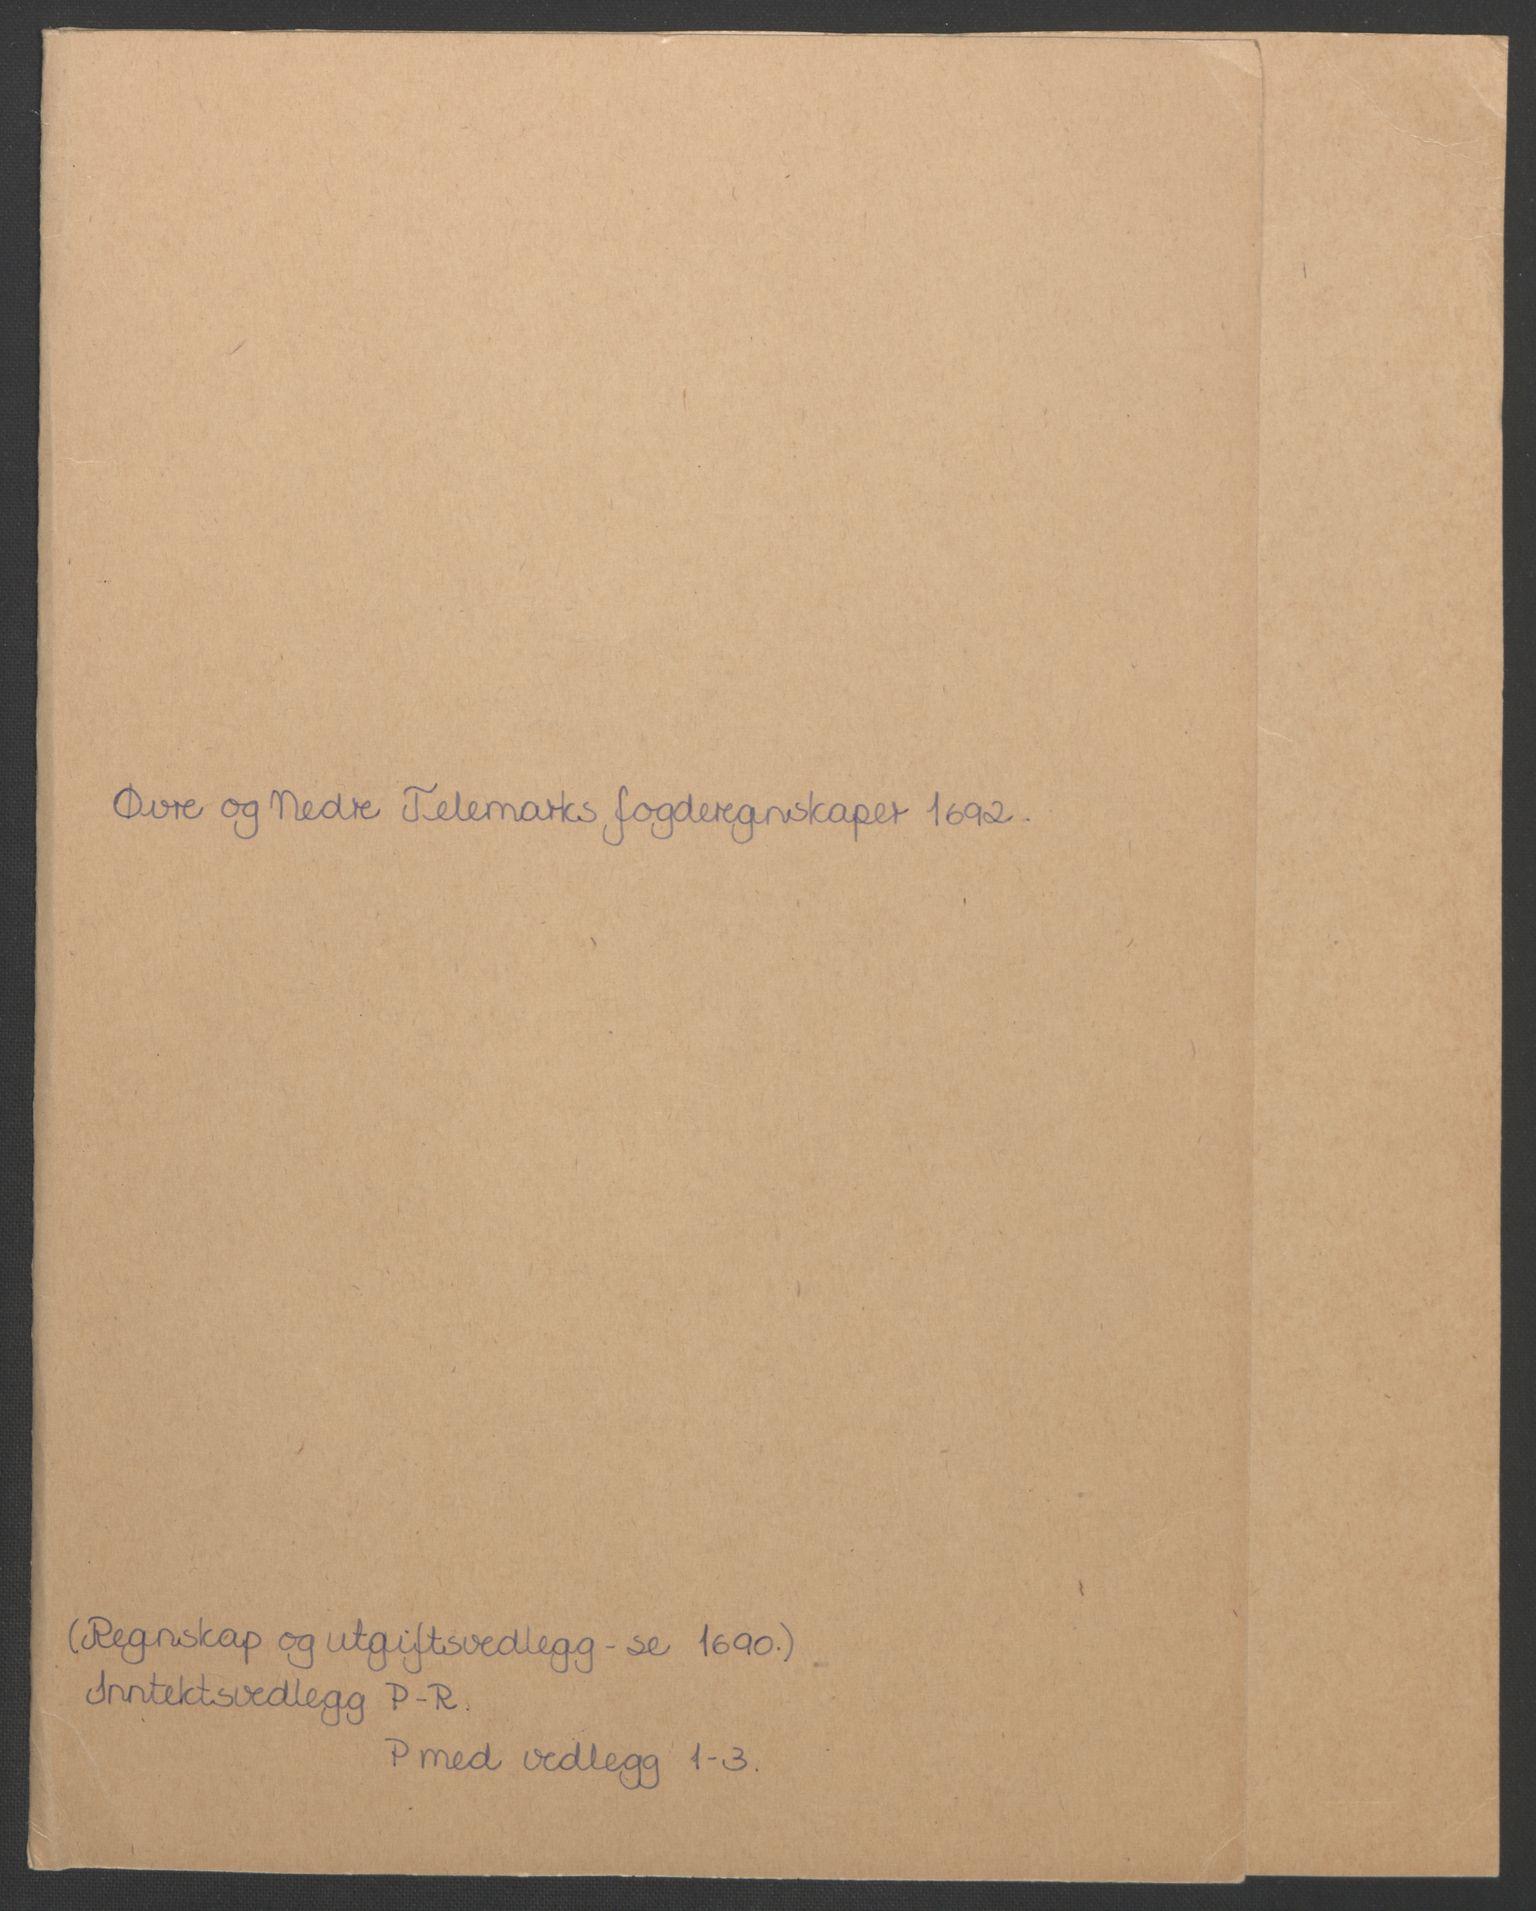 RA, Rentekammeret inntil 1814, Reviderte regnskaper, Fogderegnskap, R35/L2090: Fogderegnskap Øvre og Nedre Telemark, 1692, s. 3